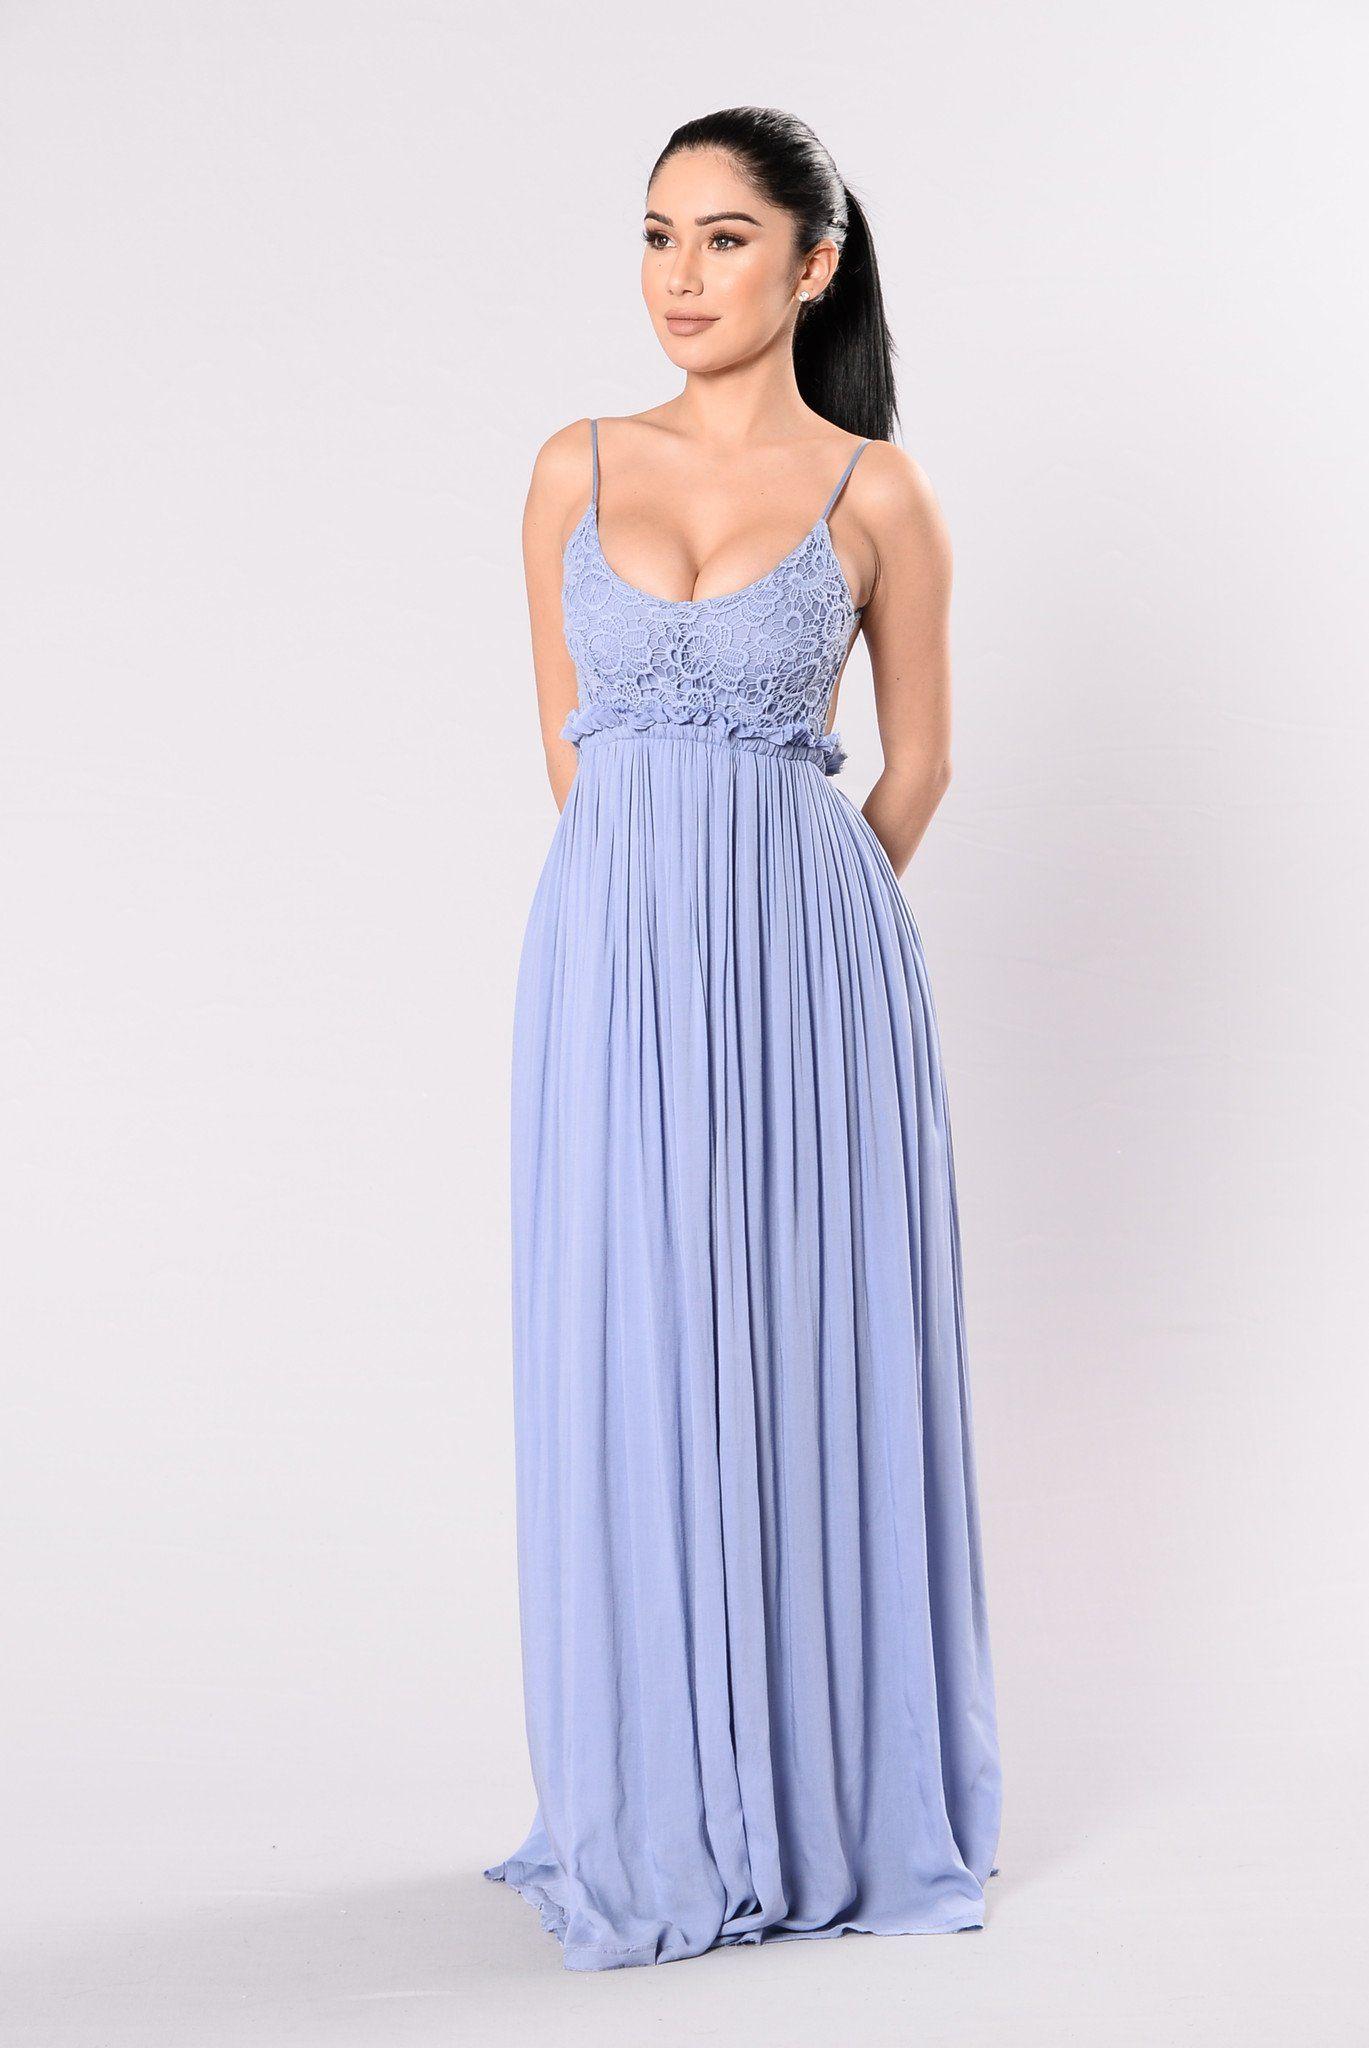 Ancient Rome Dress Denim Blue (With images) Denim